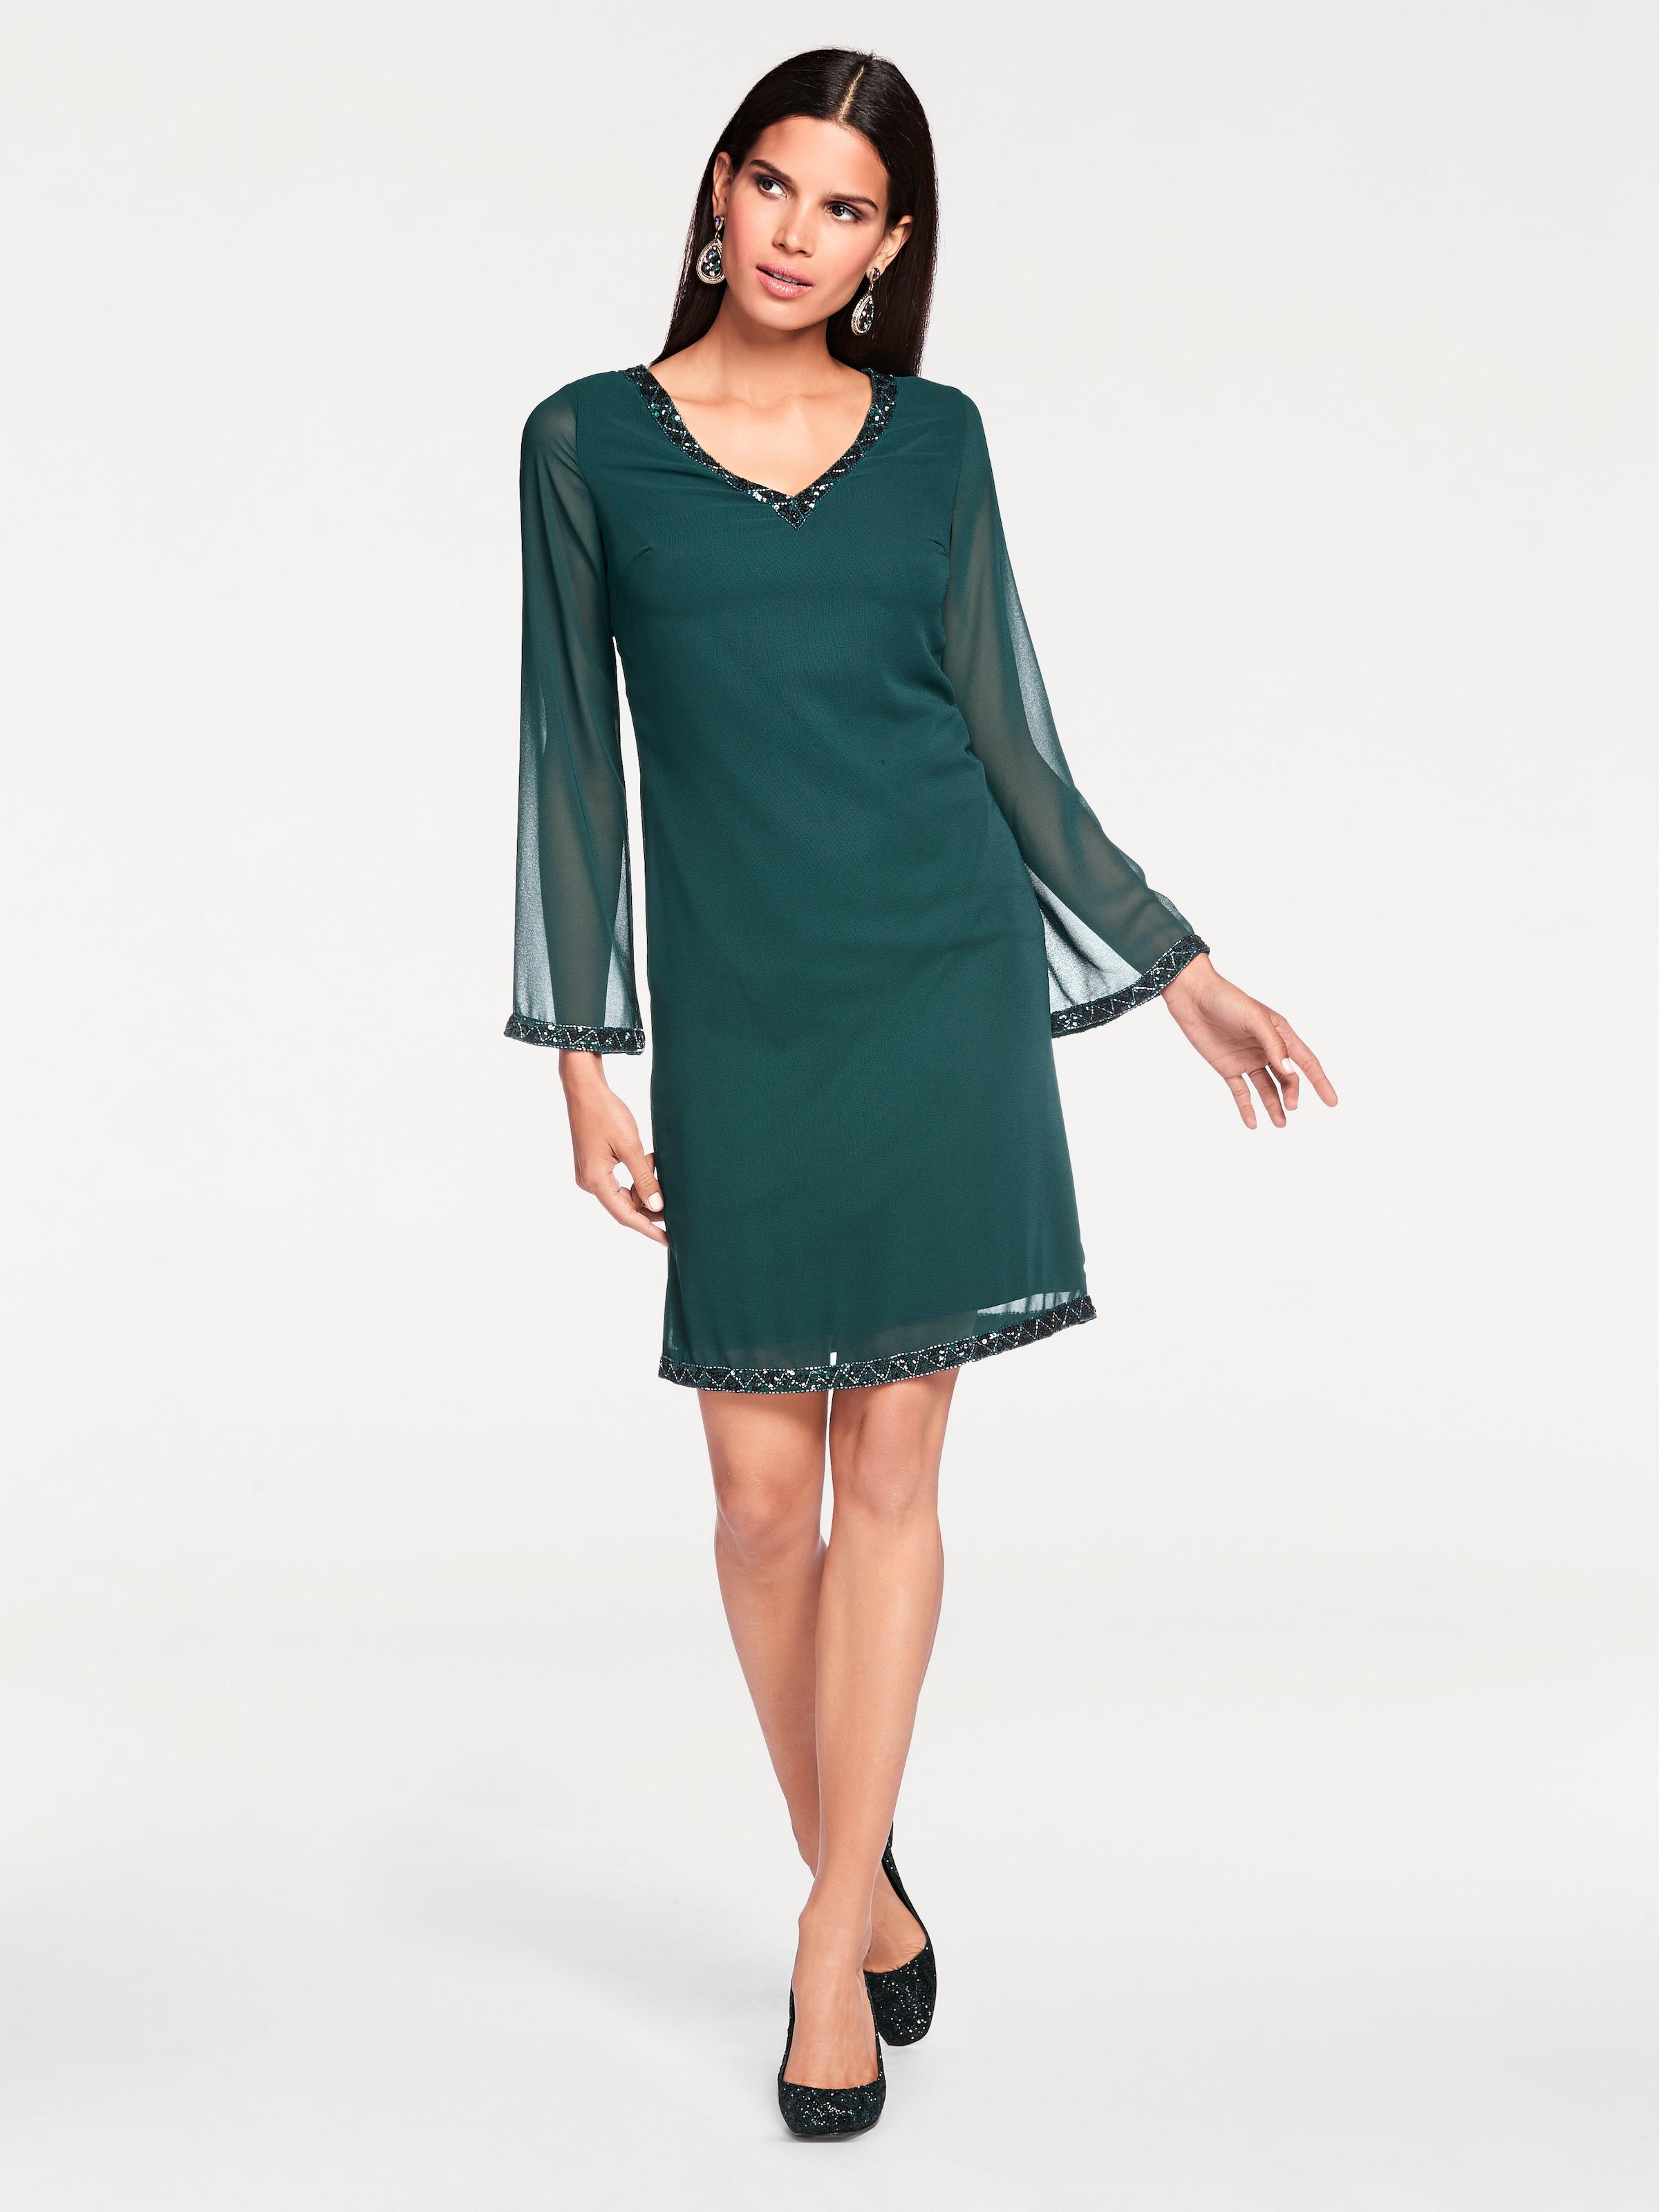 Ashley Brooke by heine Paillettenkleid mit Rückenausschnitt Billig 2018 Neueste Mode-Stil Online-Verkauf 100% Garantiert rEHN5